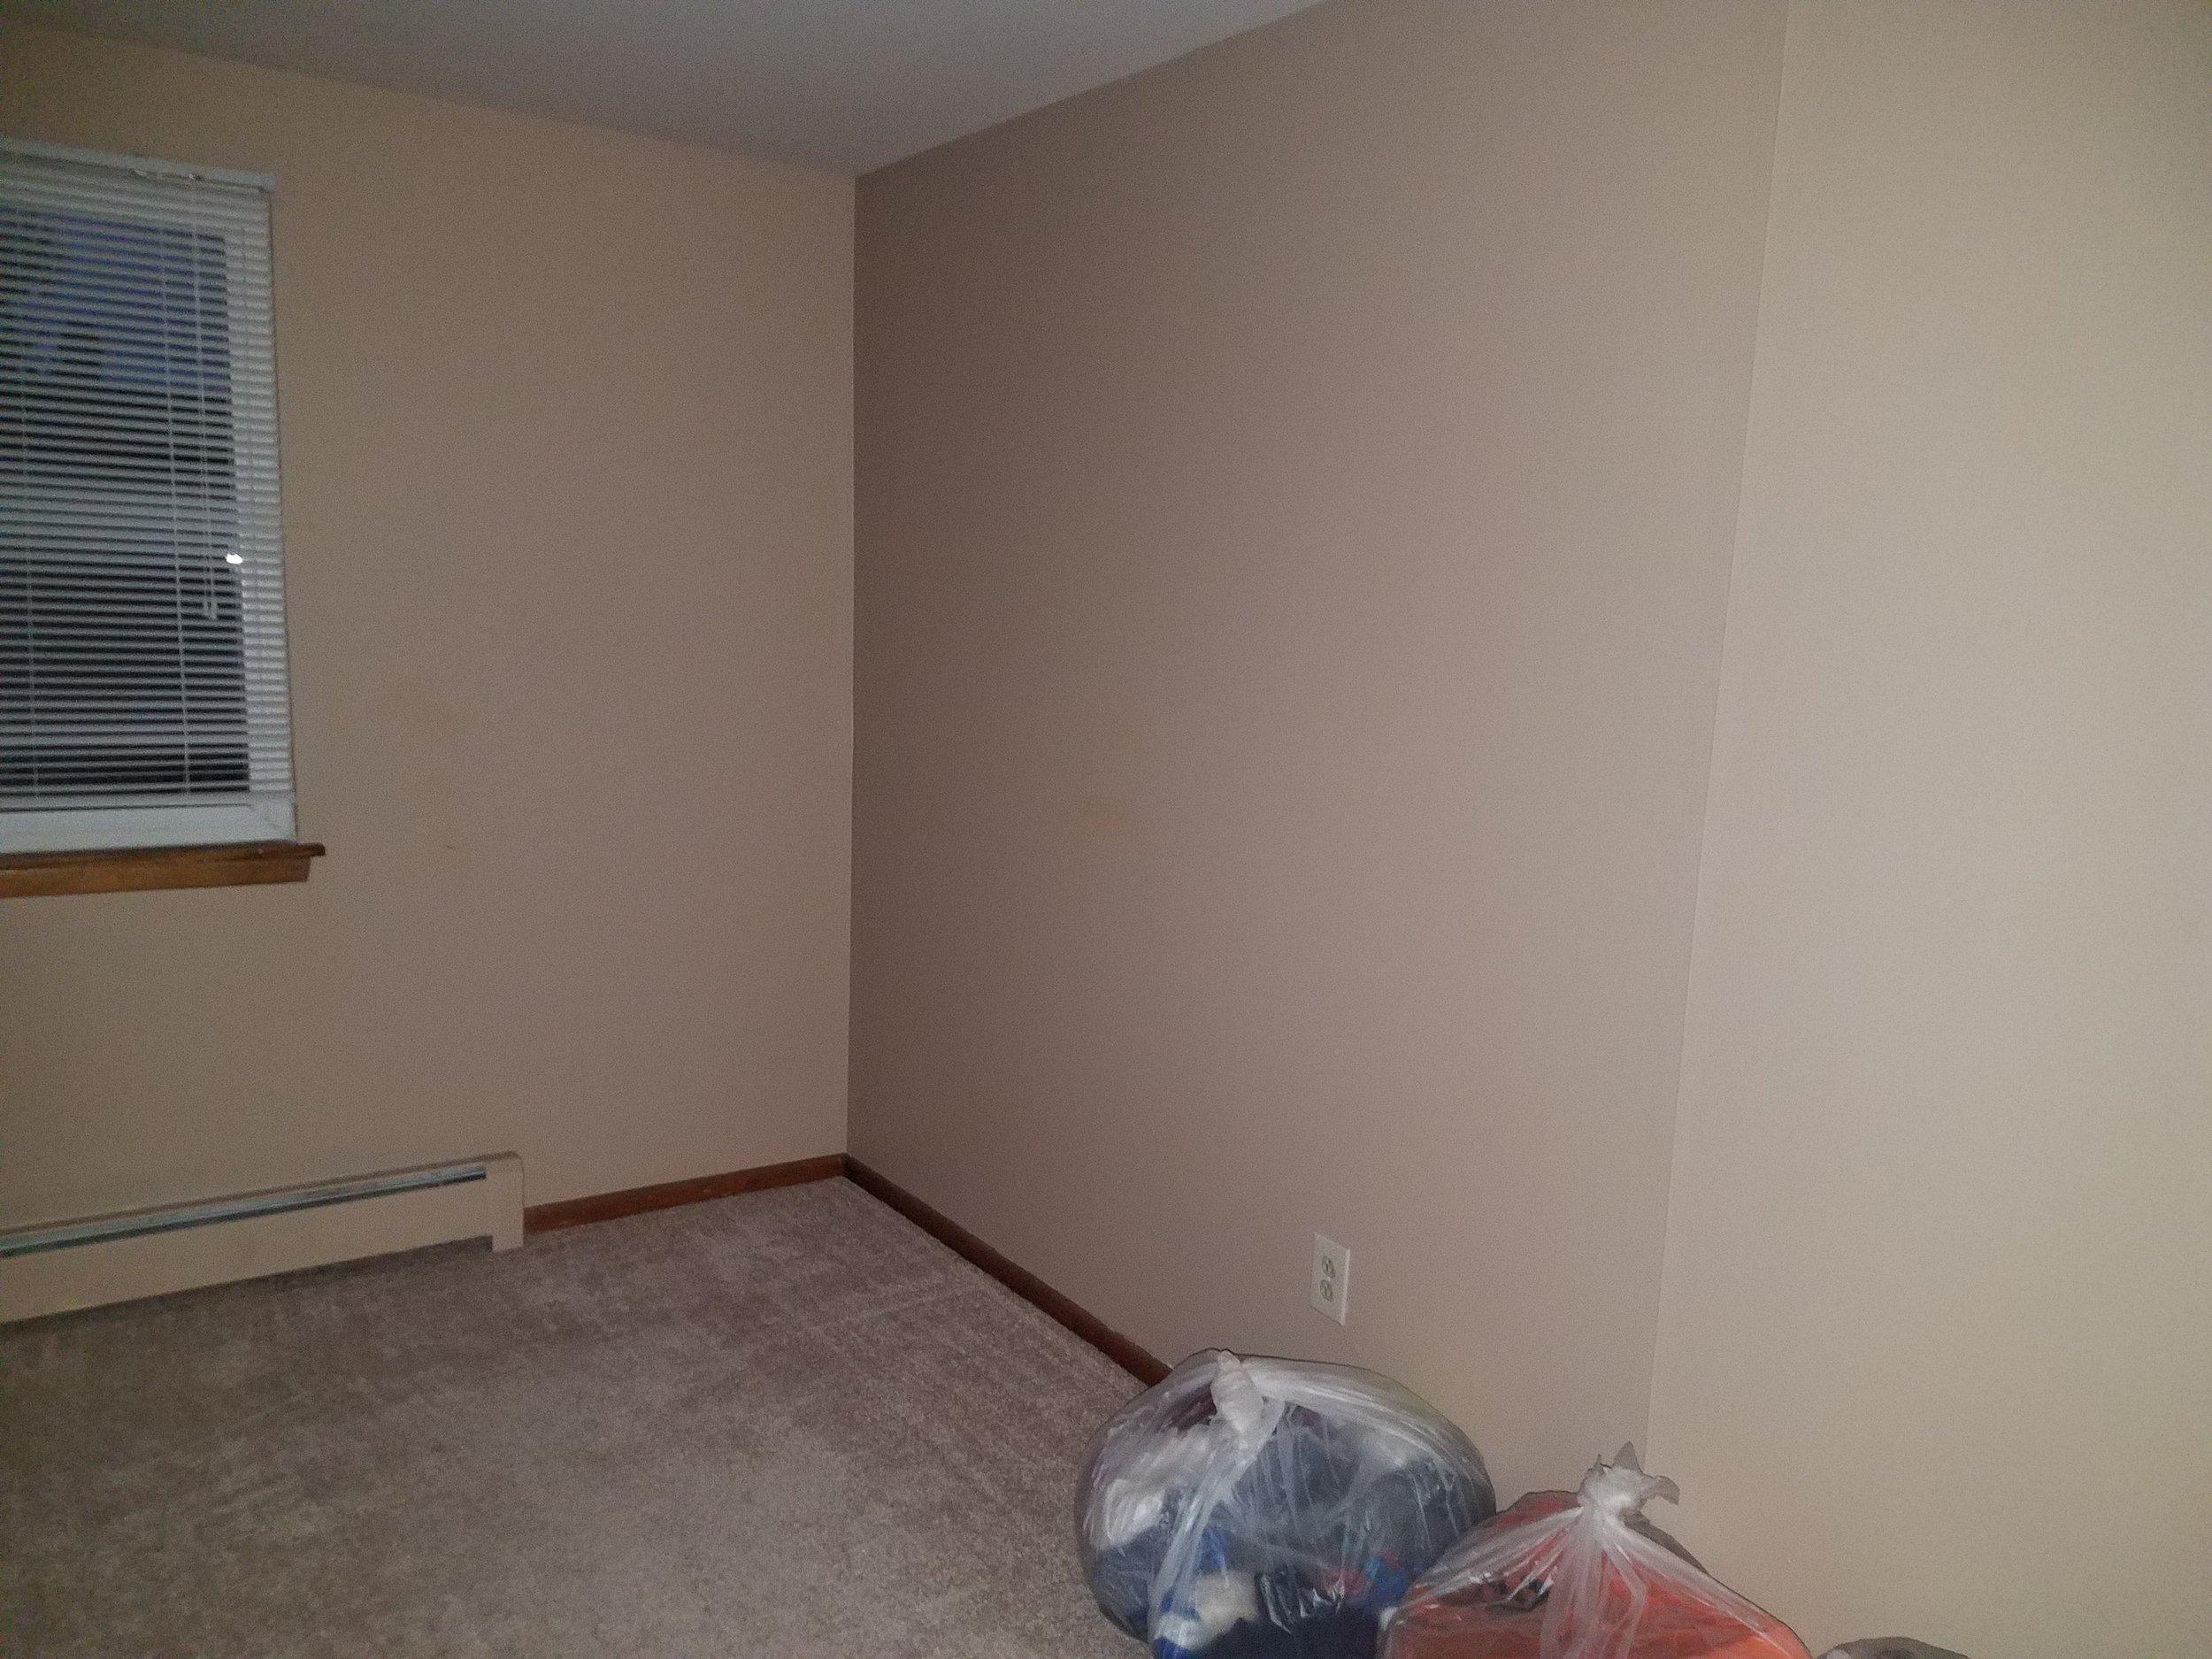 Bedroom before 4.jpg